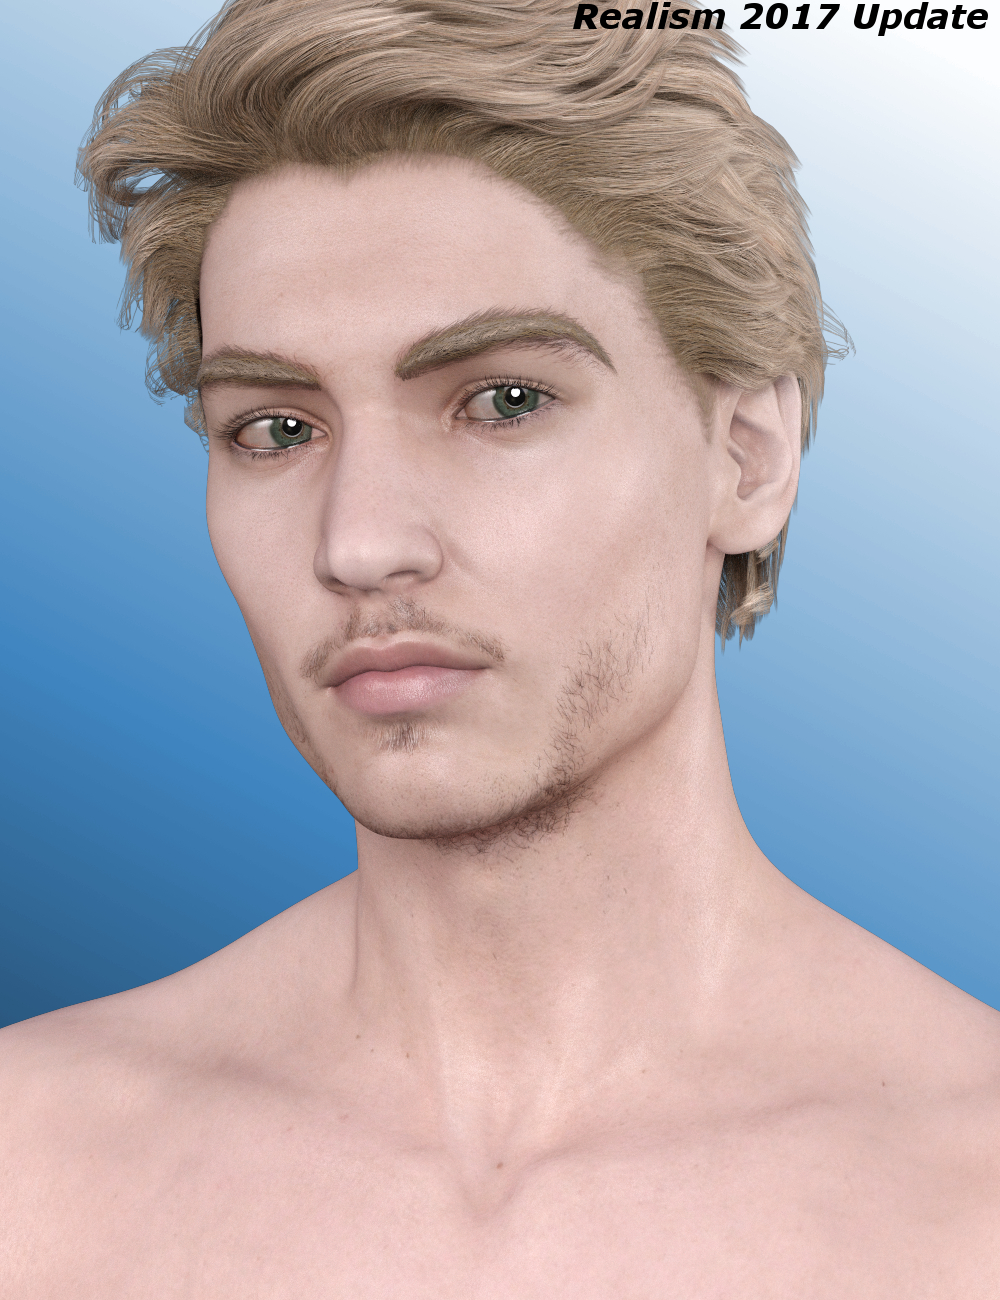 Beautiful Skin Iray Genesis 3 Male(s) by: SickleyieldFuseling, 3D Models by Daz 3D